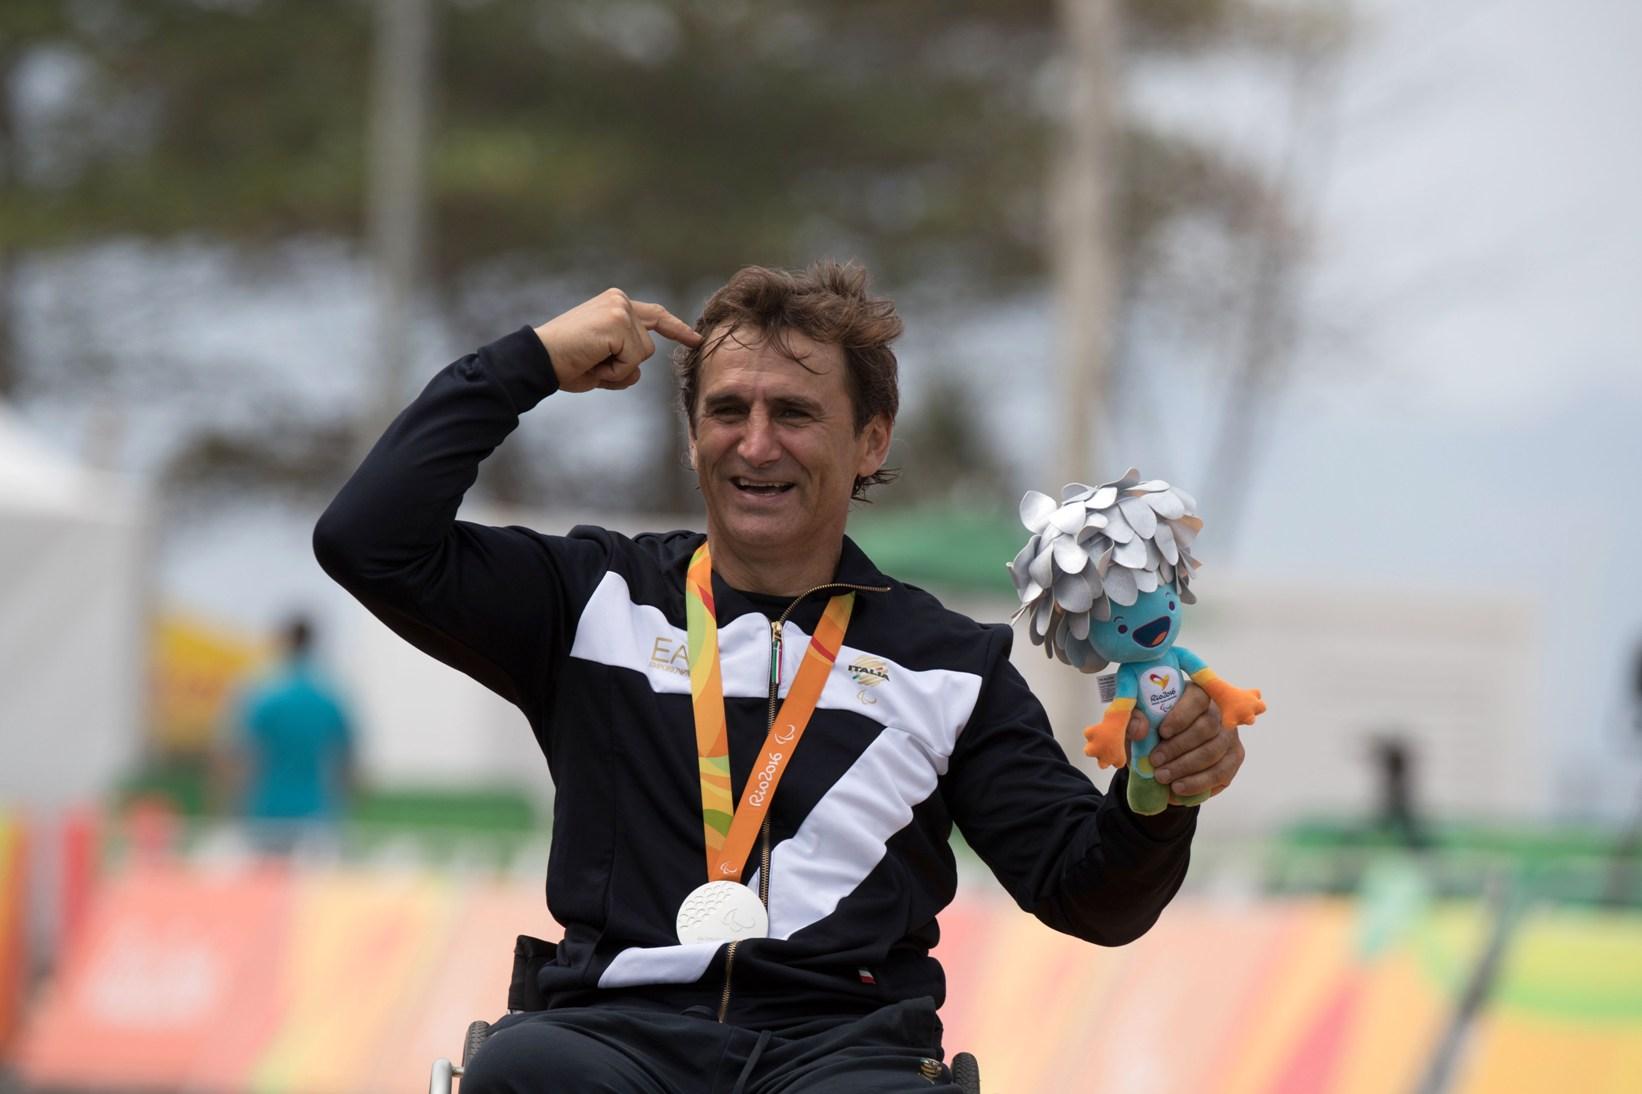 Medalie de argint pentru Alessandro Zanardi la Rio intr-o zi speciala